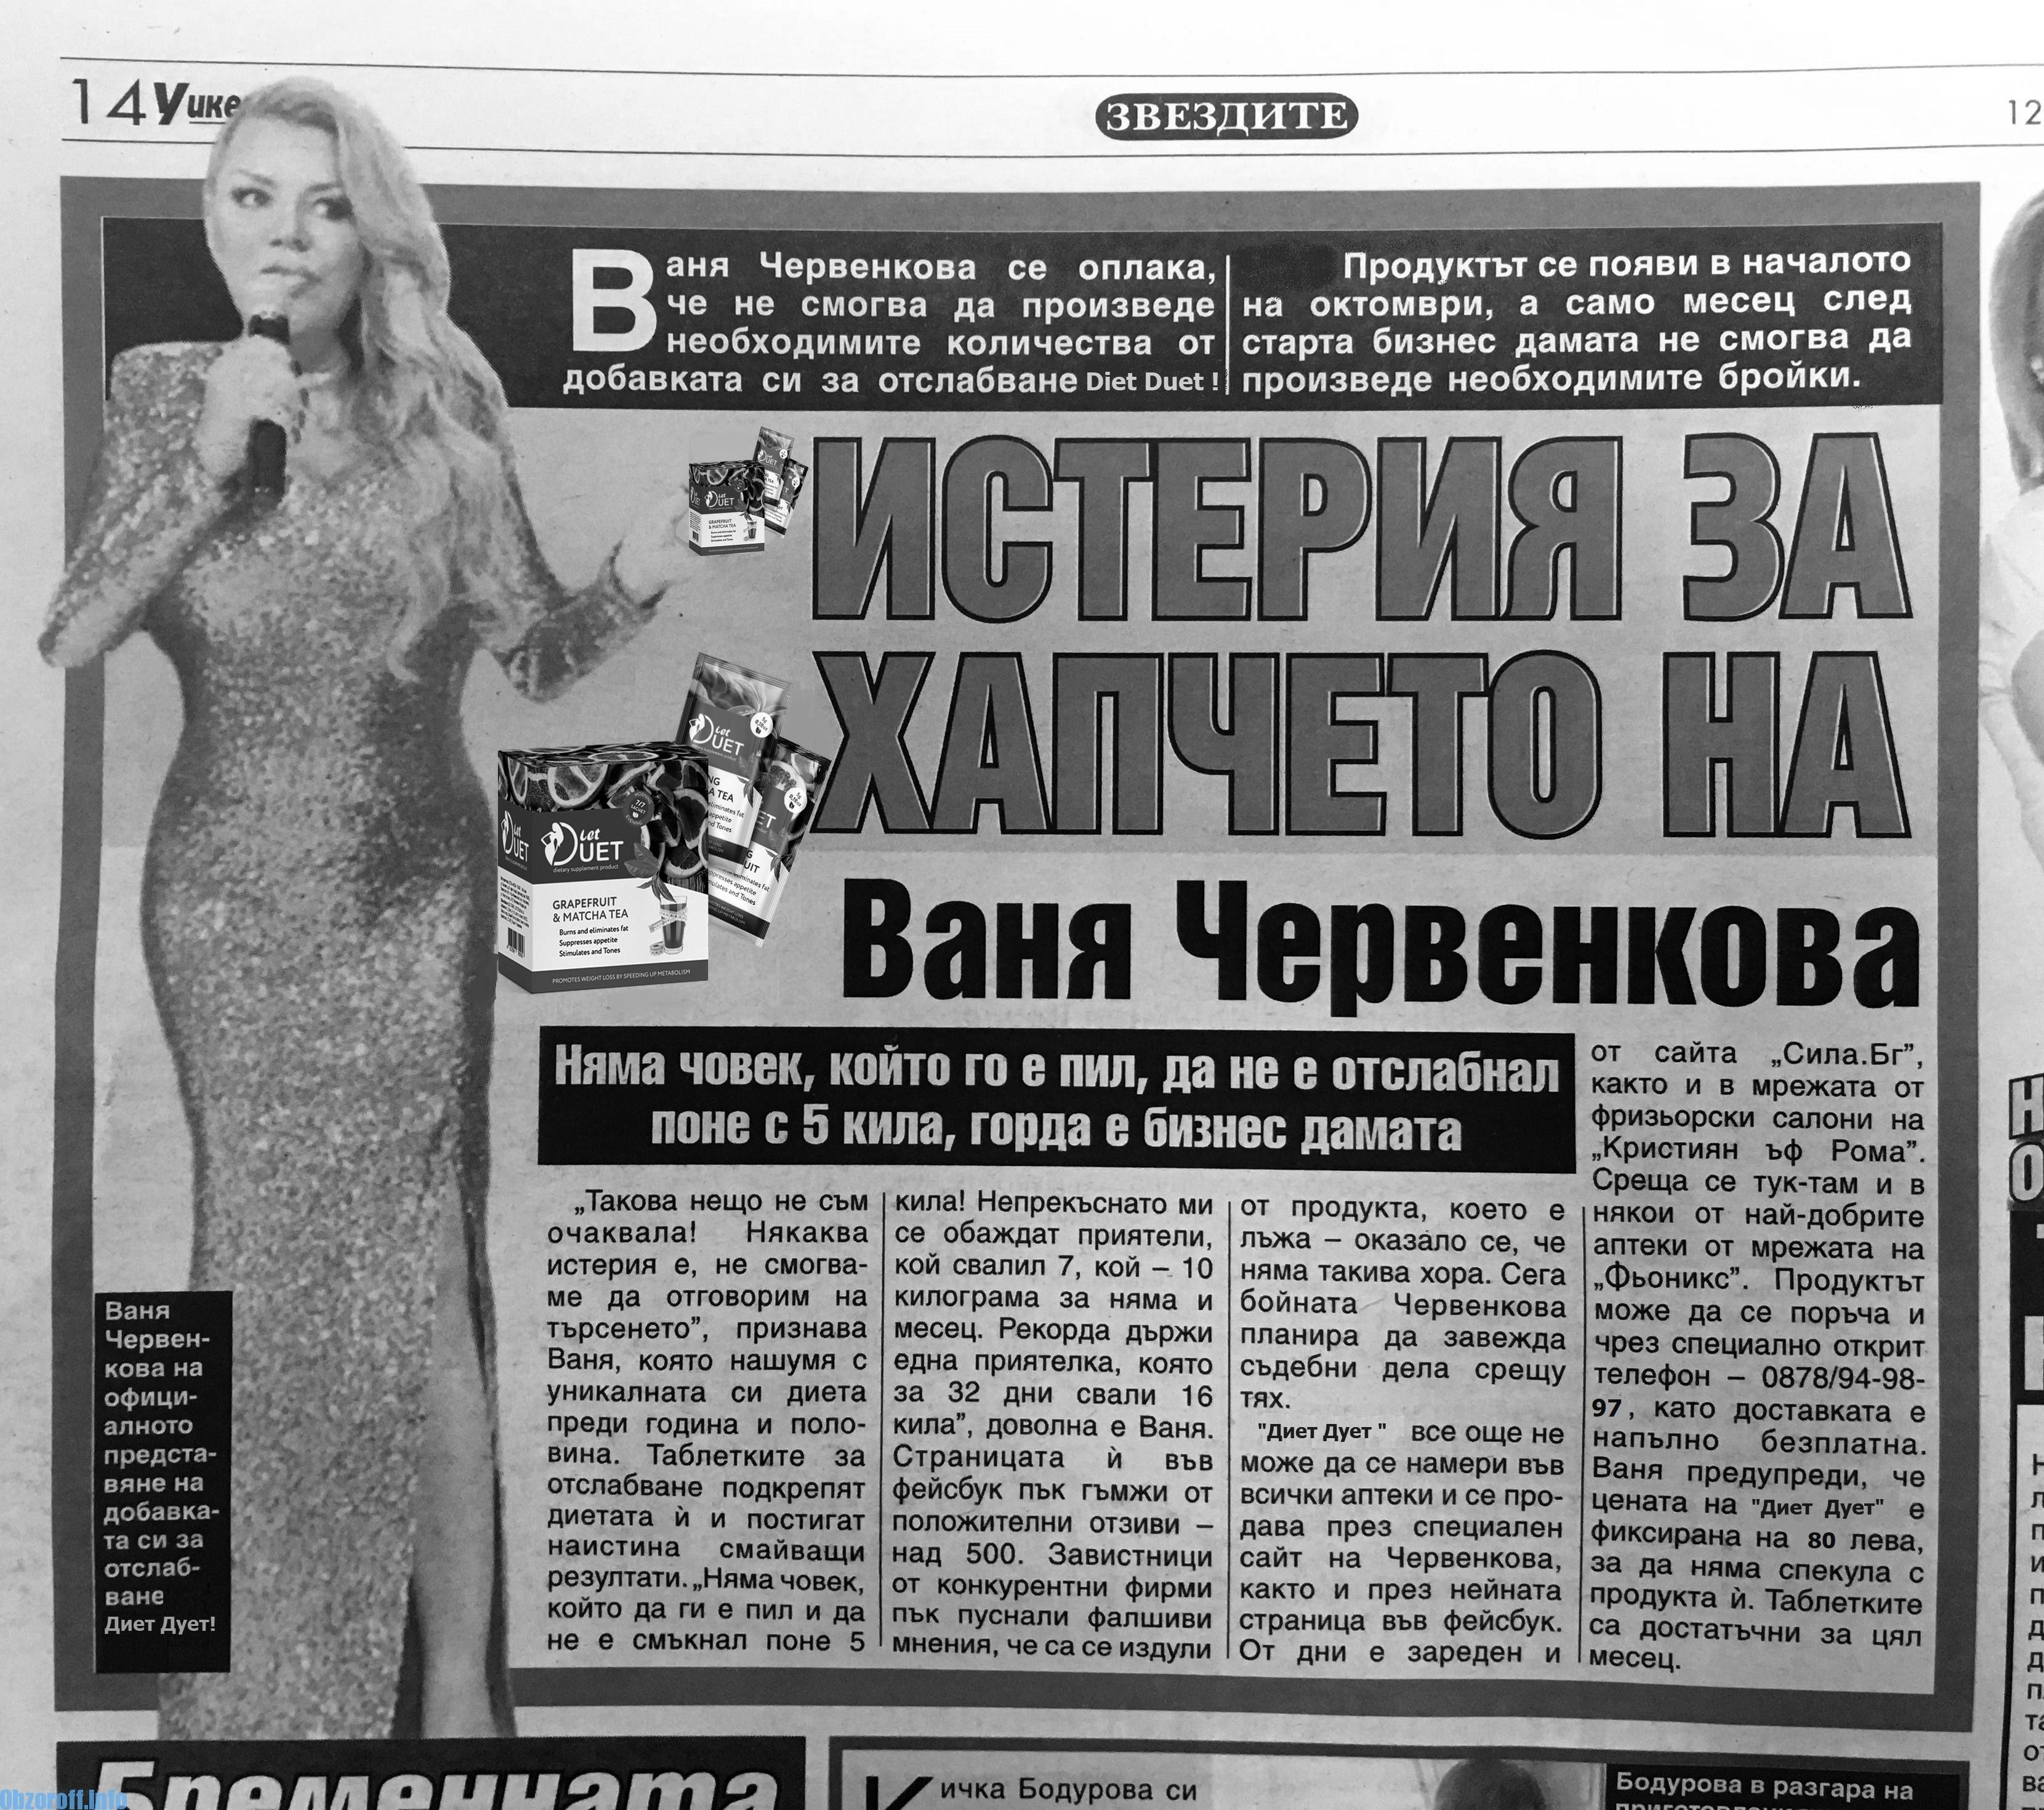 Диет Дует: Вестник Ваня Червенкова загуби тегло